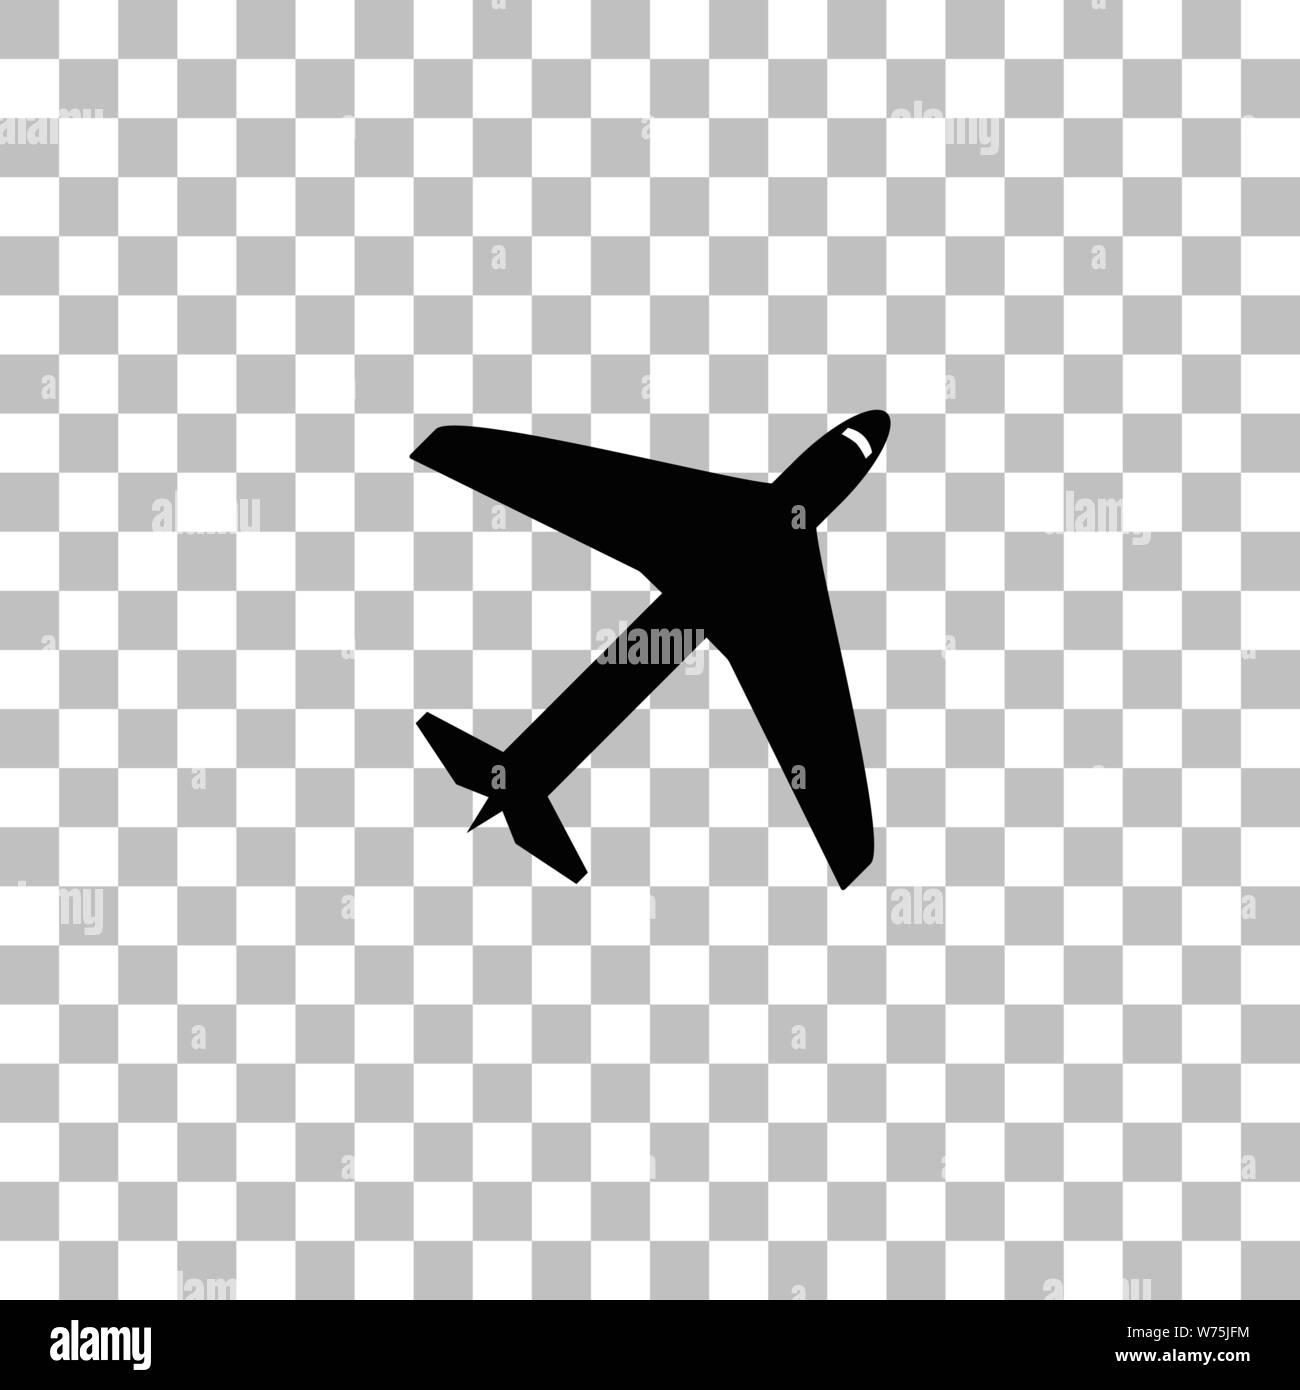 white airplane icon transparent